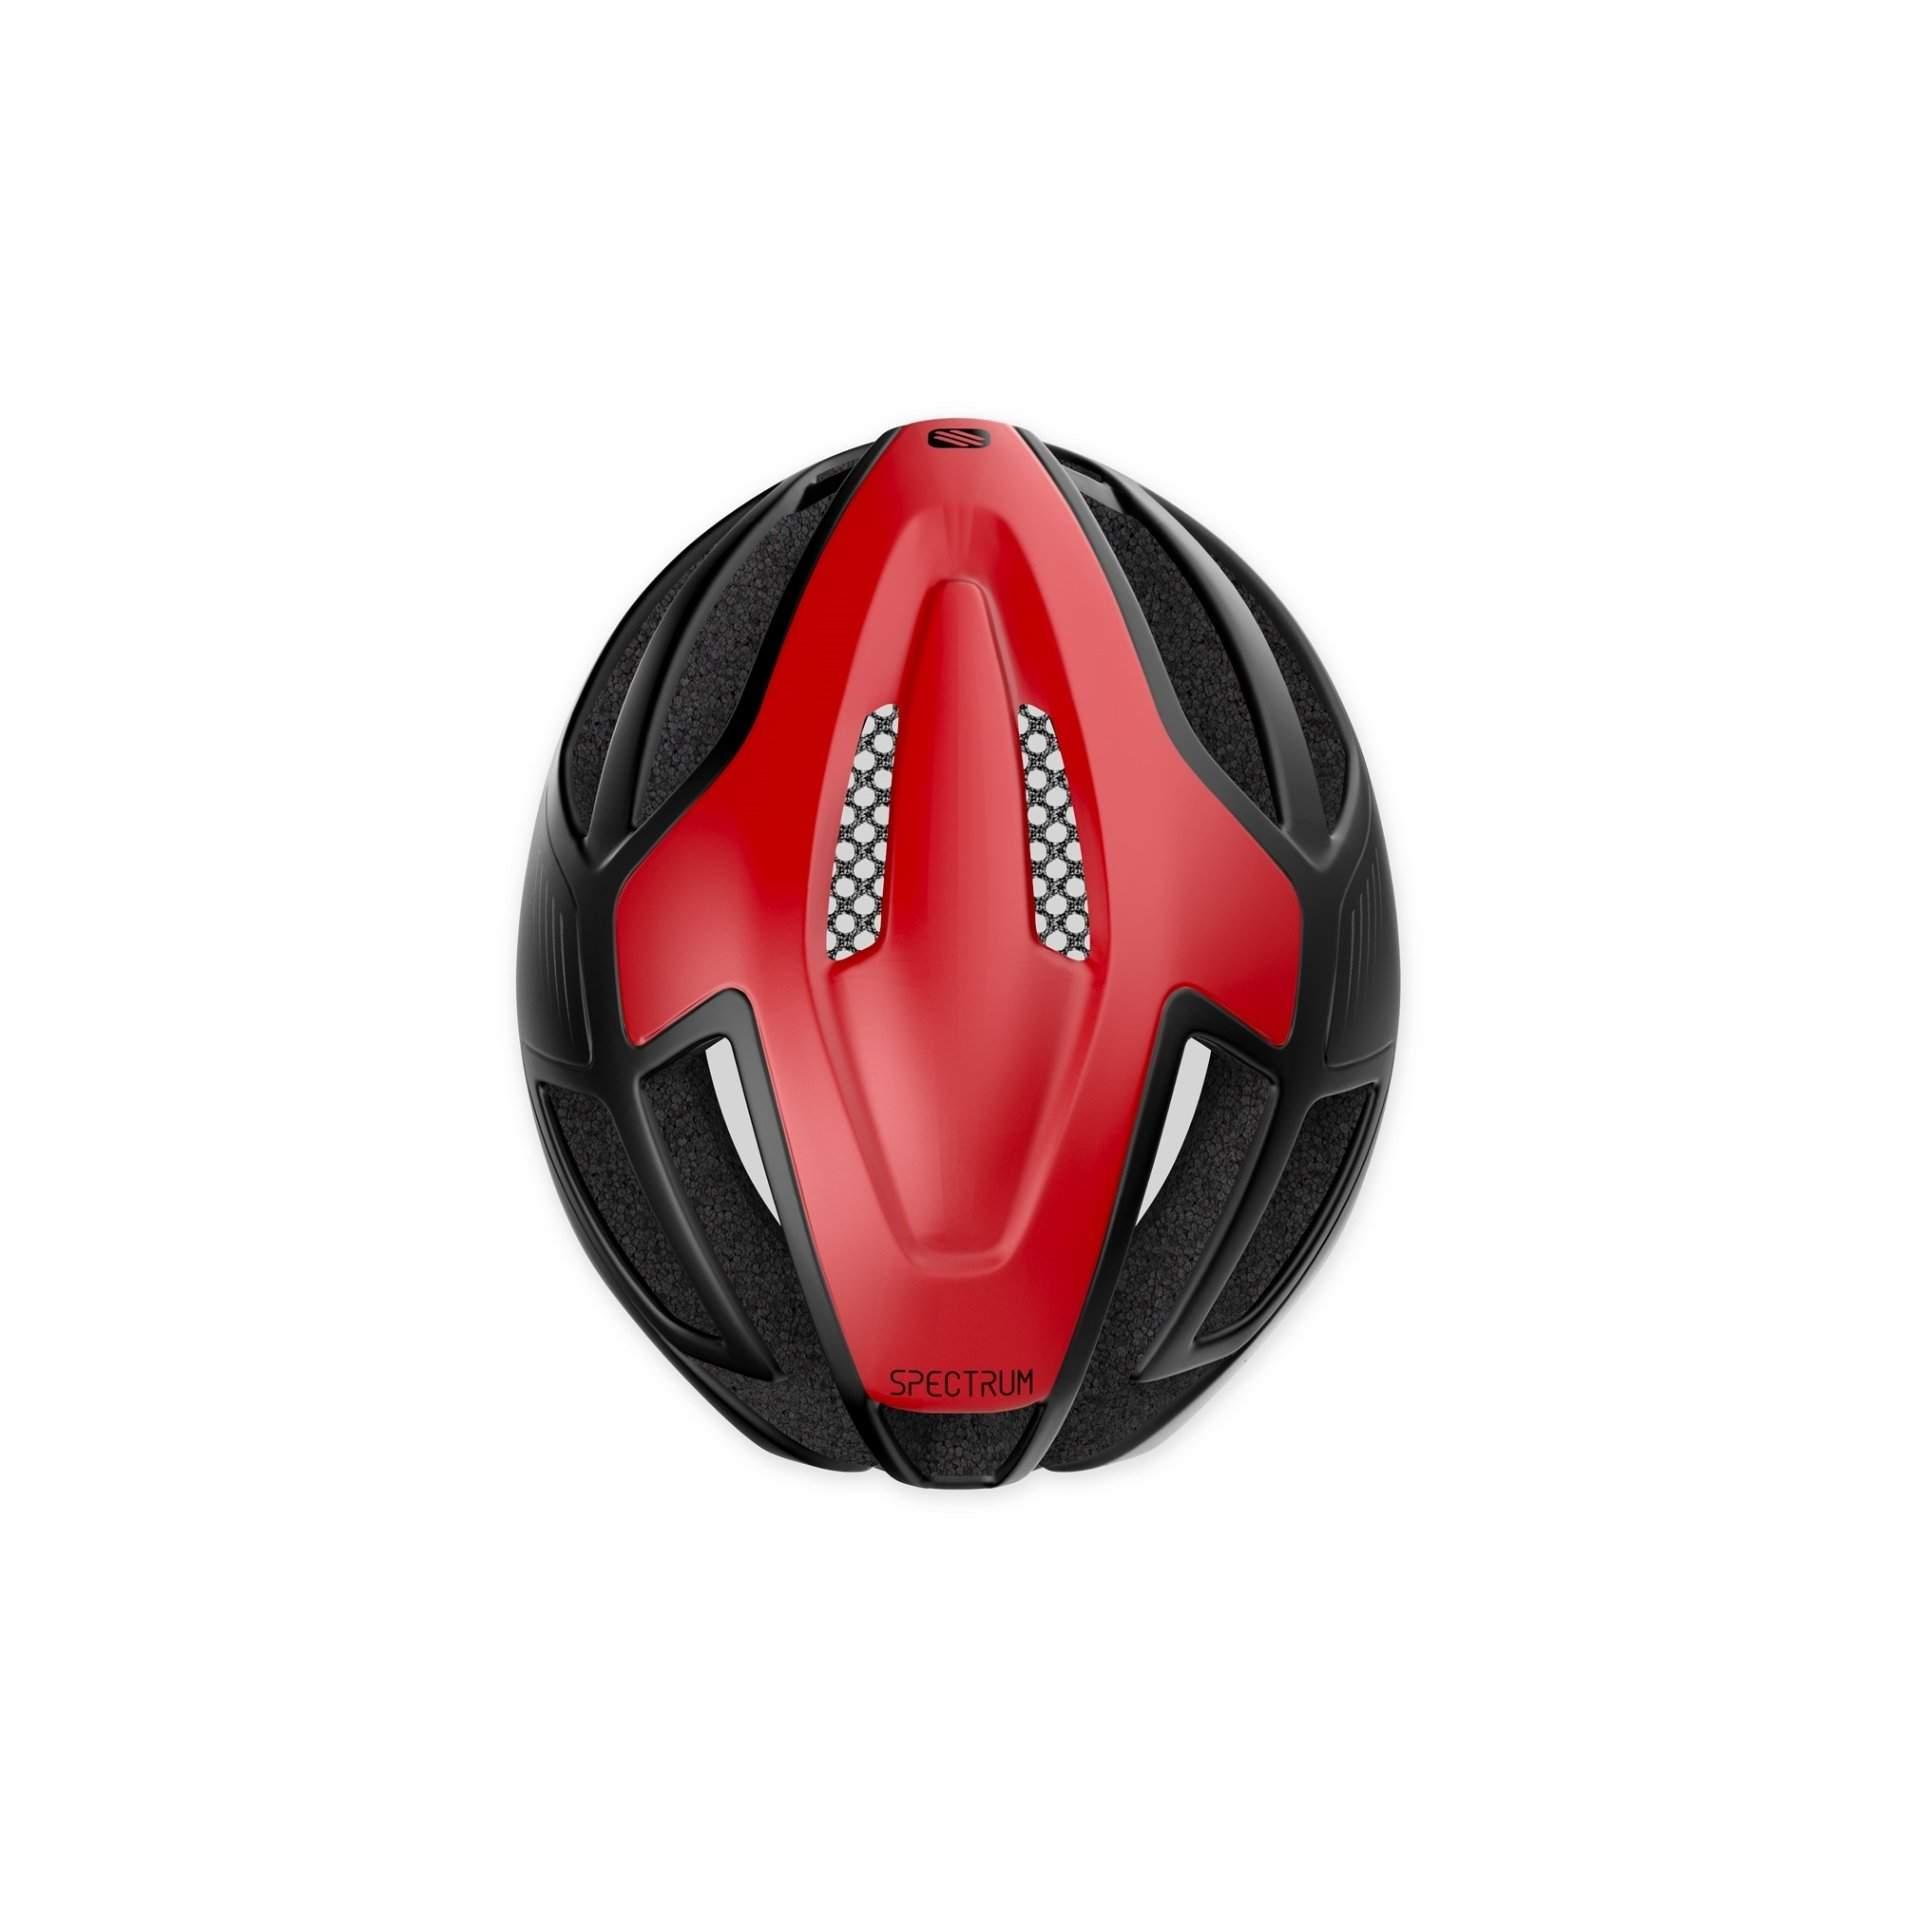 KASK ROWEROWY RUDY PROJECT SPECTRUM RED|BLACK MATTE HL650110 Z GÓRY